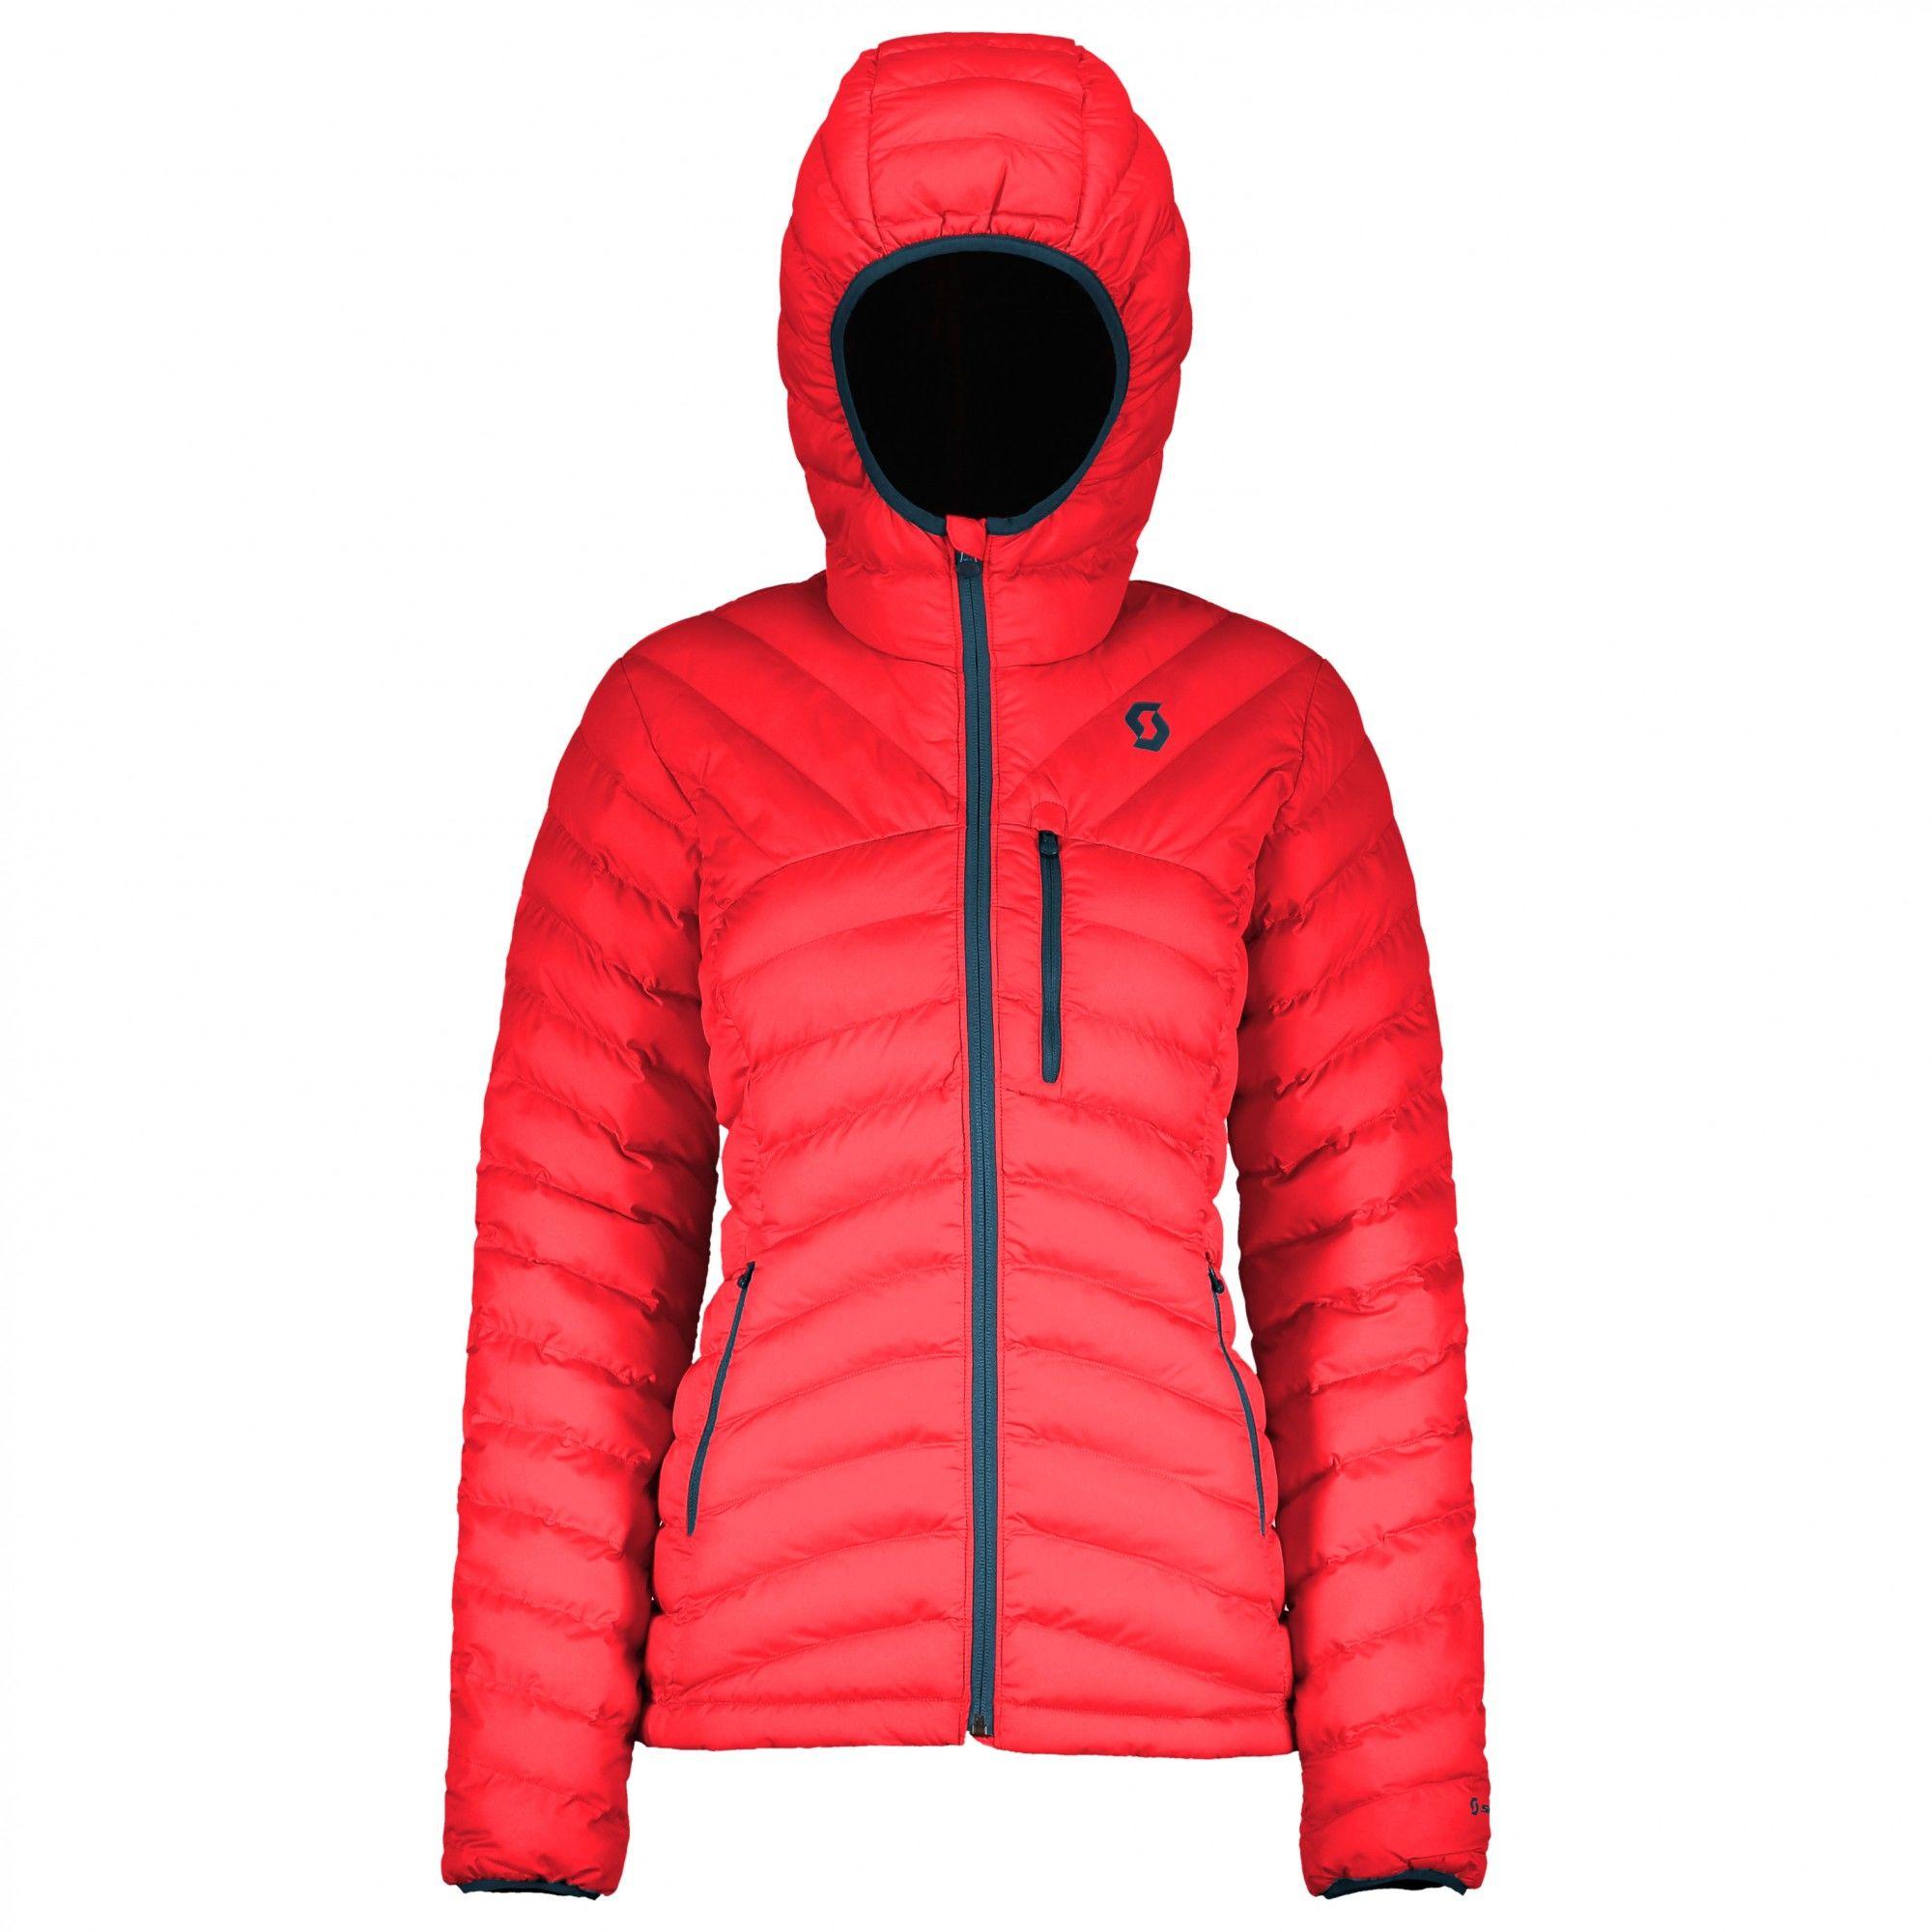 Scott Insuloft 3M Jacket, Melon Red Rot, XS